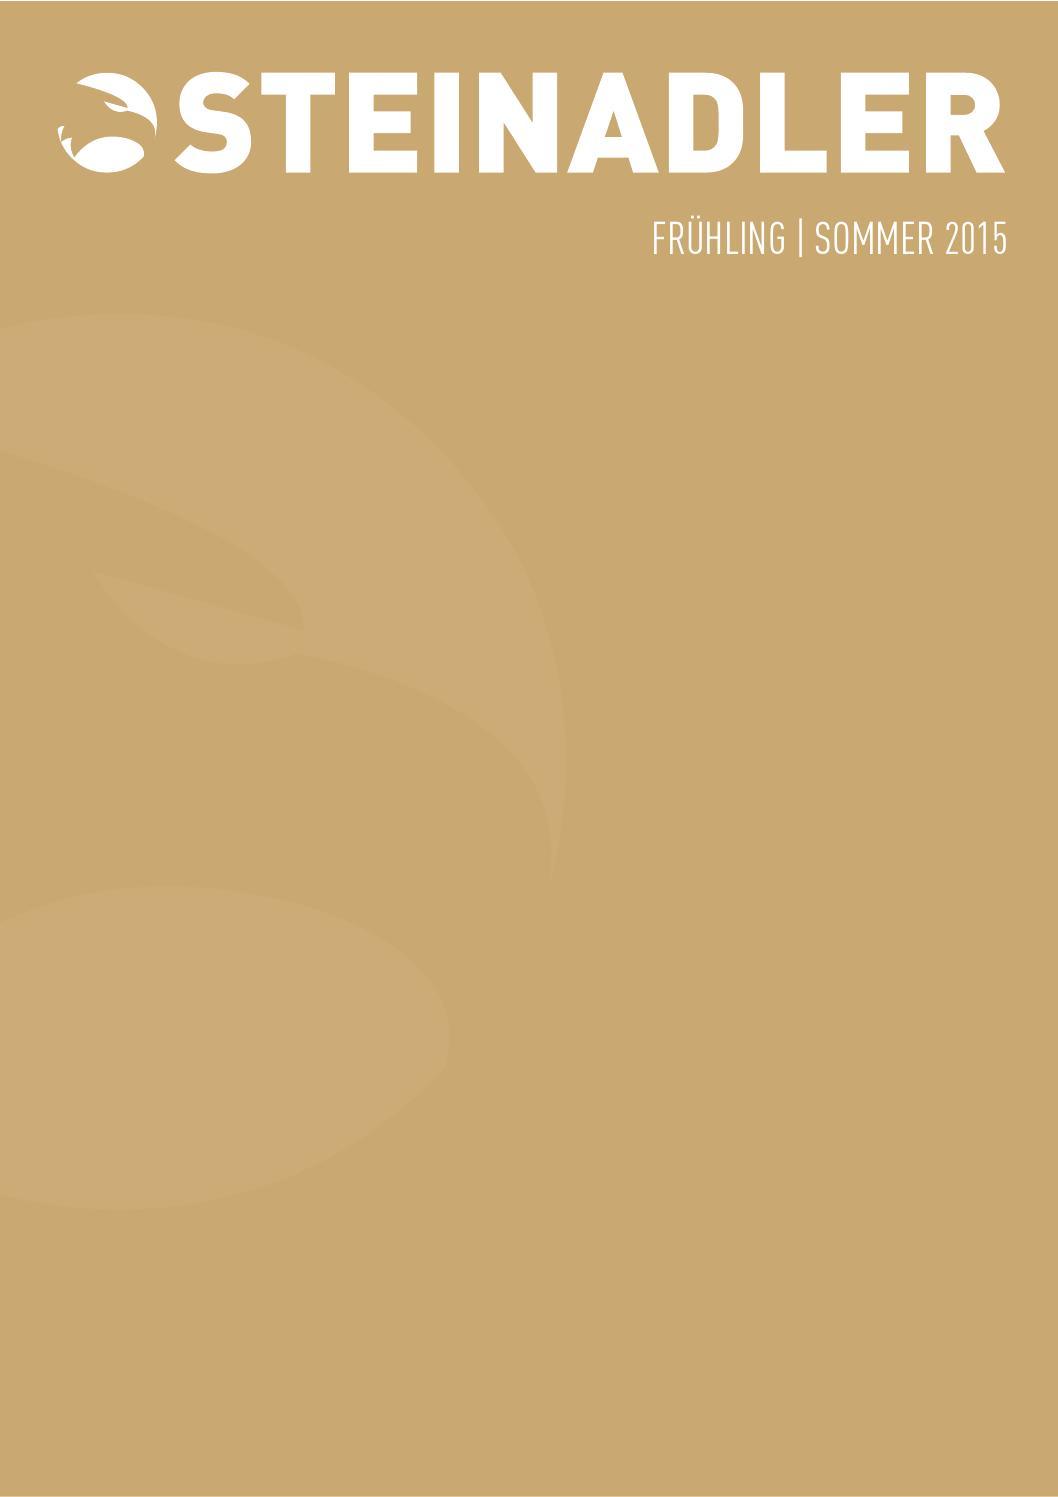 STEINADLER Segeltuchschuhe G2 Leichter Sommerstiefel Robustes Rindsleder und Rip-Stop-Segeltuch